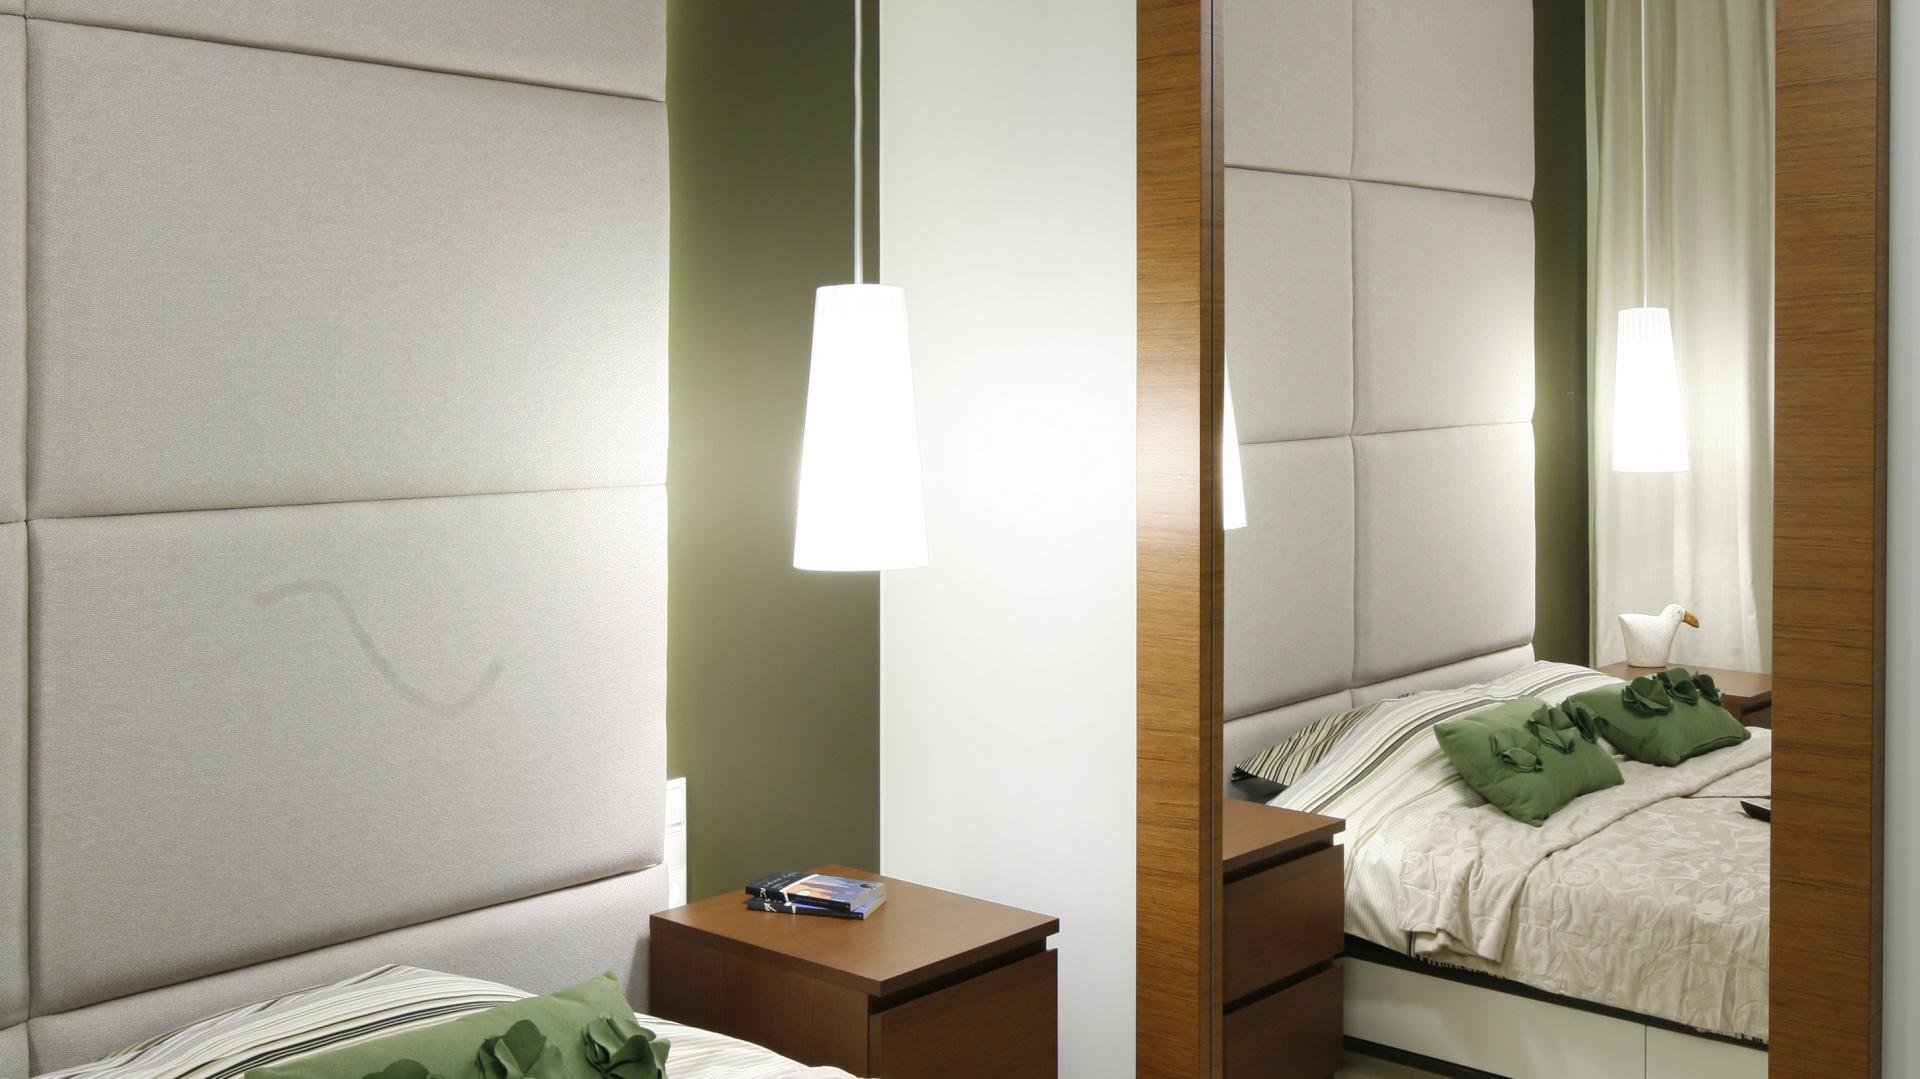 Wysokie lustro oprawione w...  Mała sypialnia. Zobacz jak ją urządzić  Strona: 12